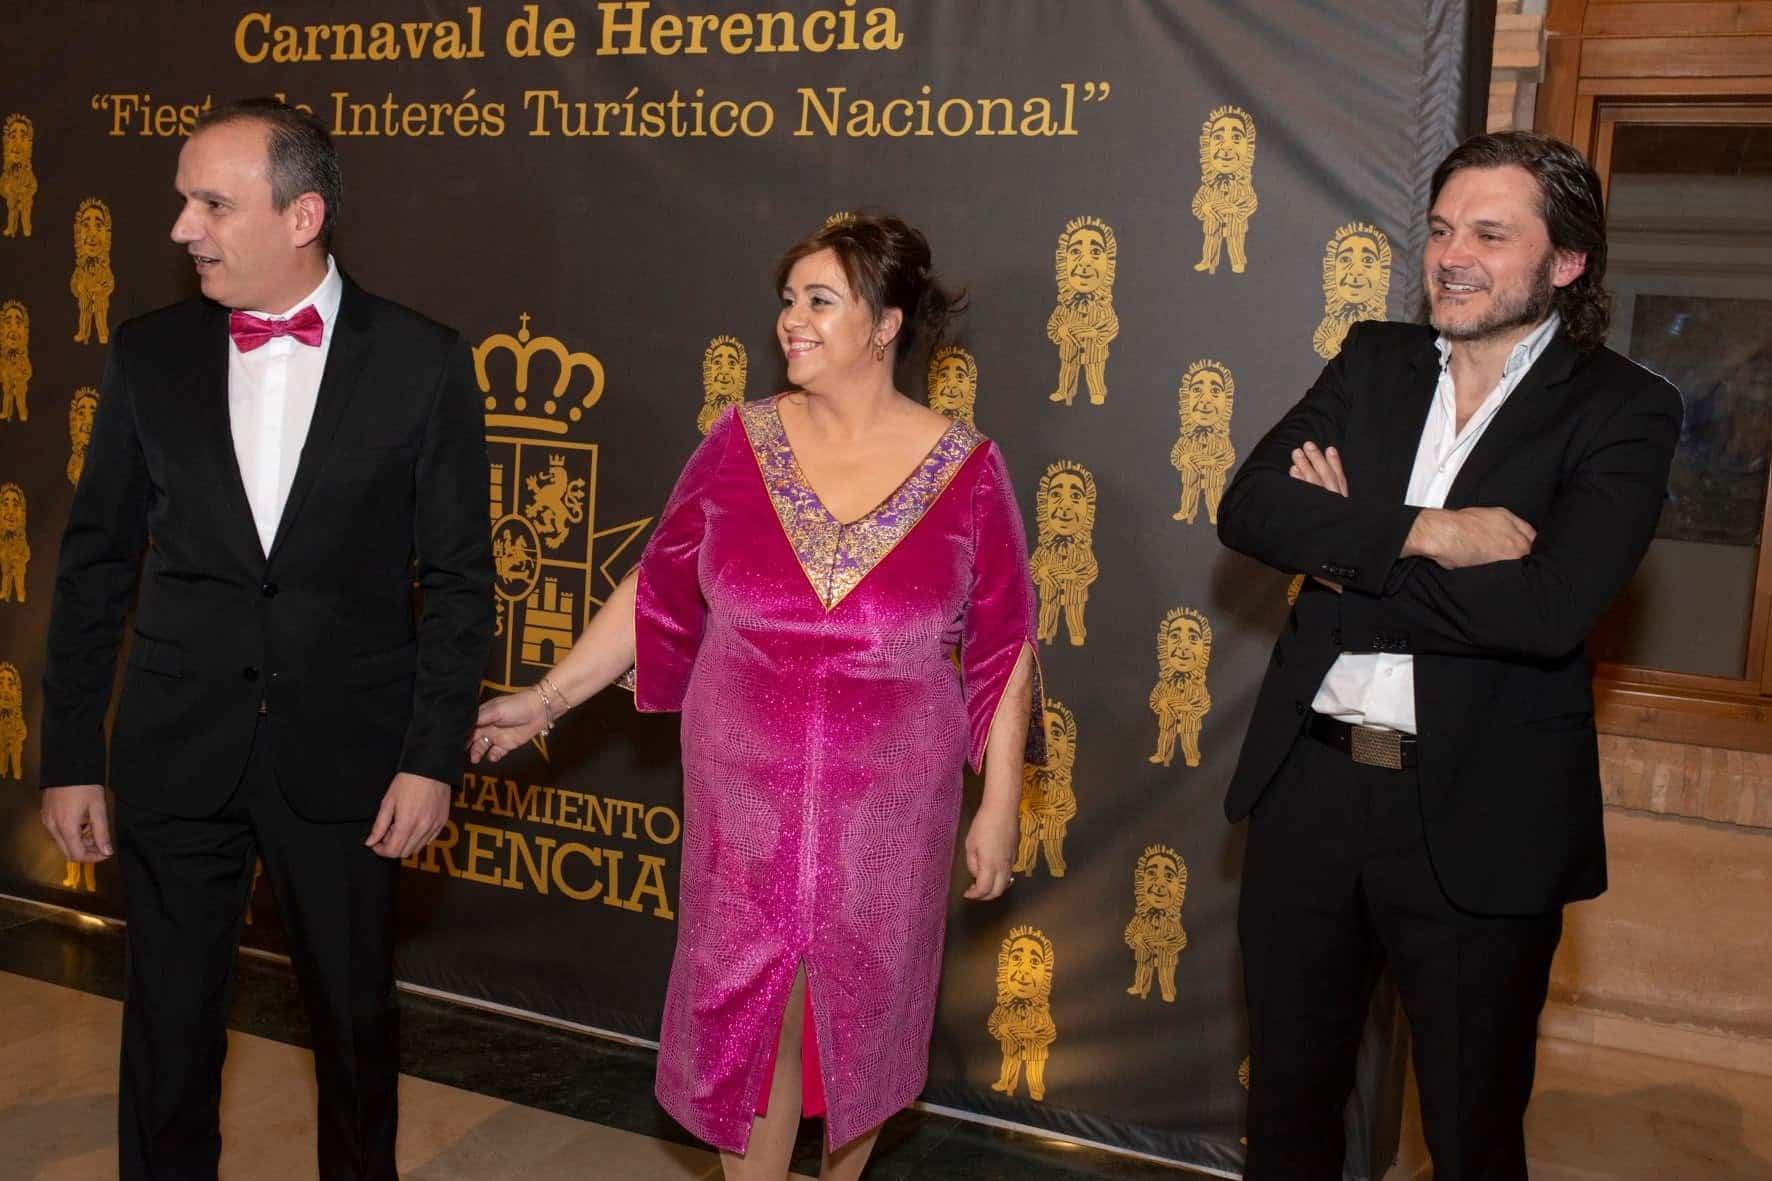 Inauguración del Carnaval de Herencia 2020 123